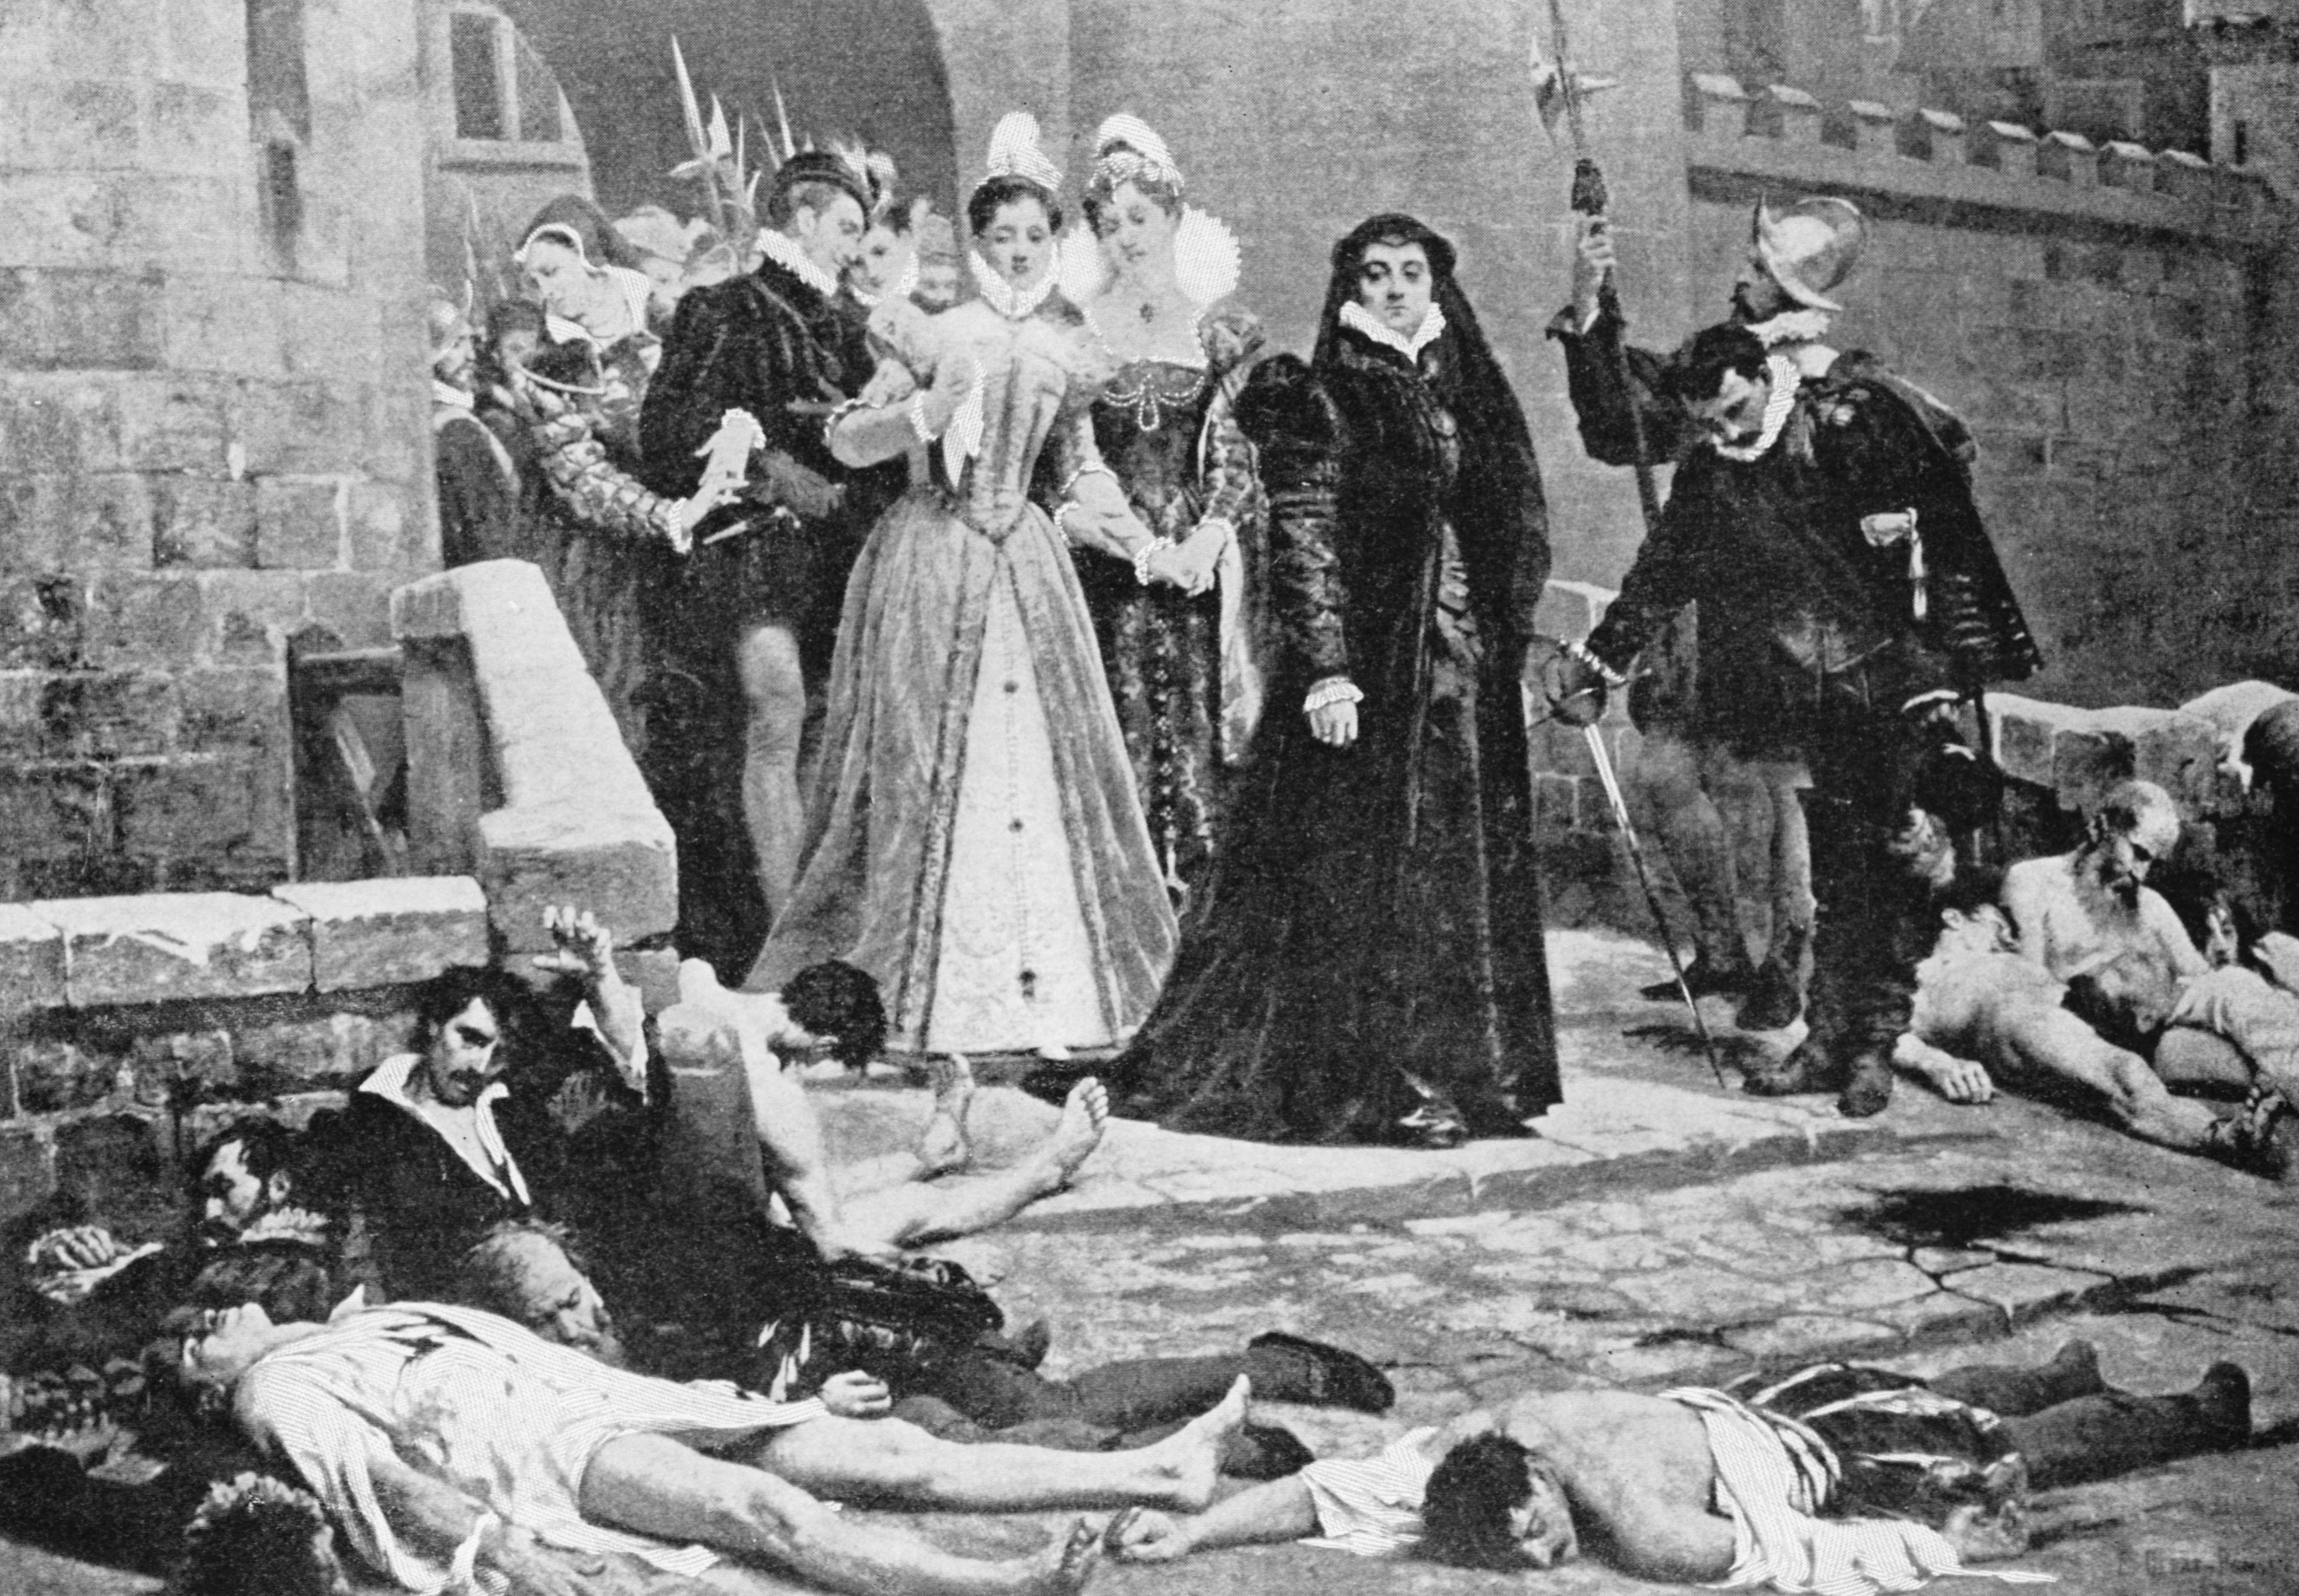 Catherine de Medici surveying the aftermath of the St Bartholomew's Day Massacre, 1572